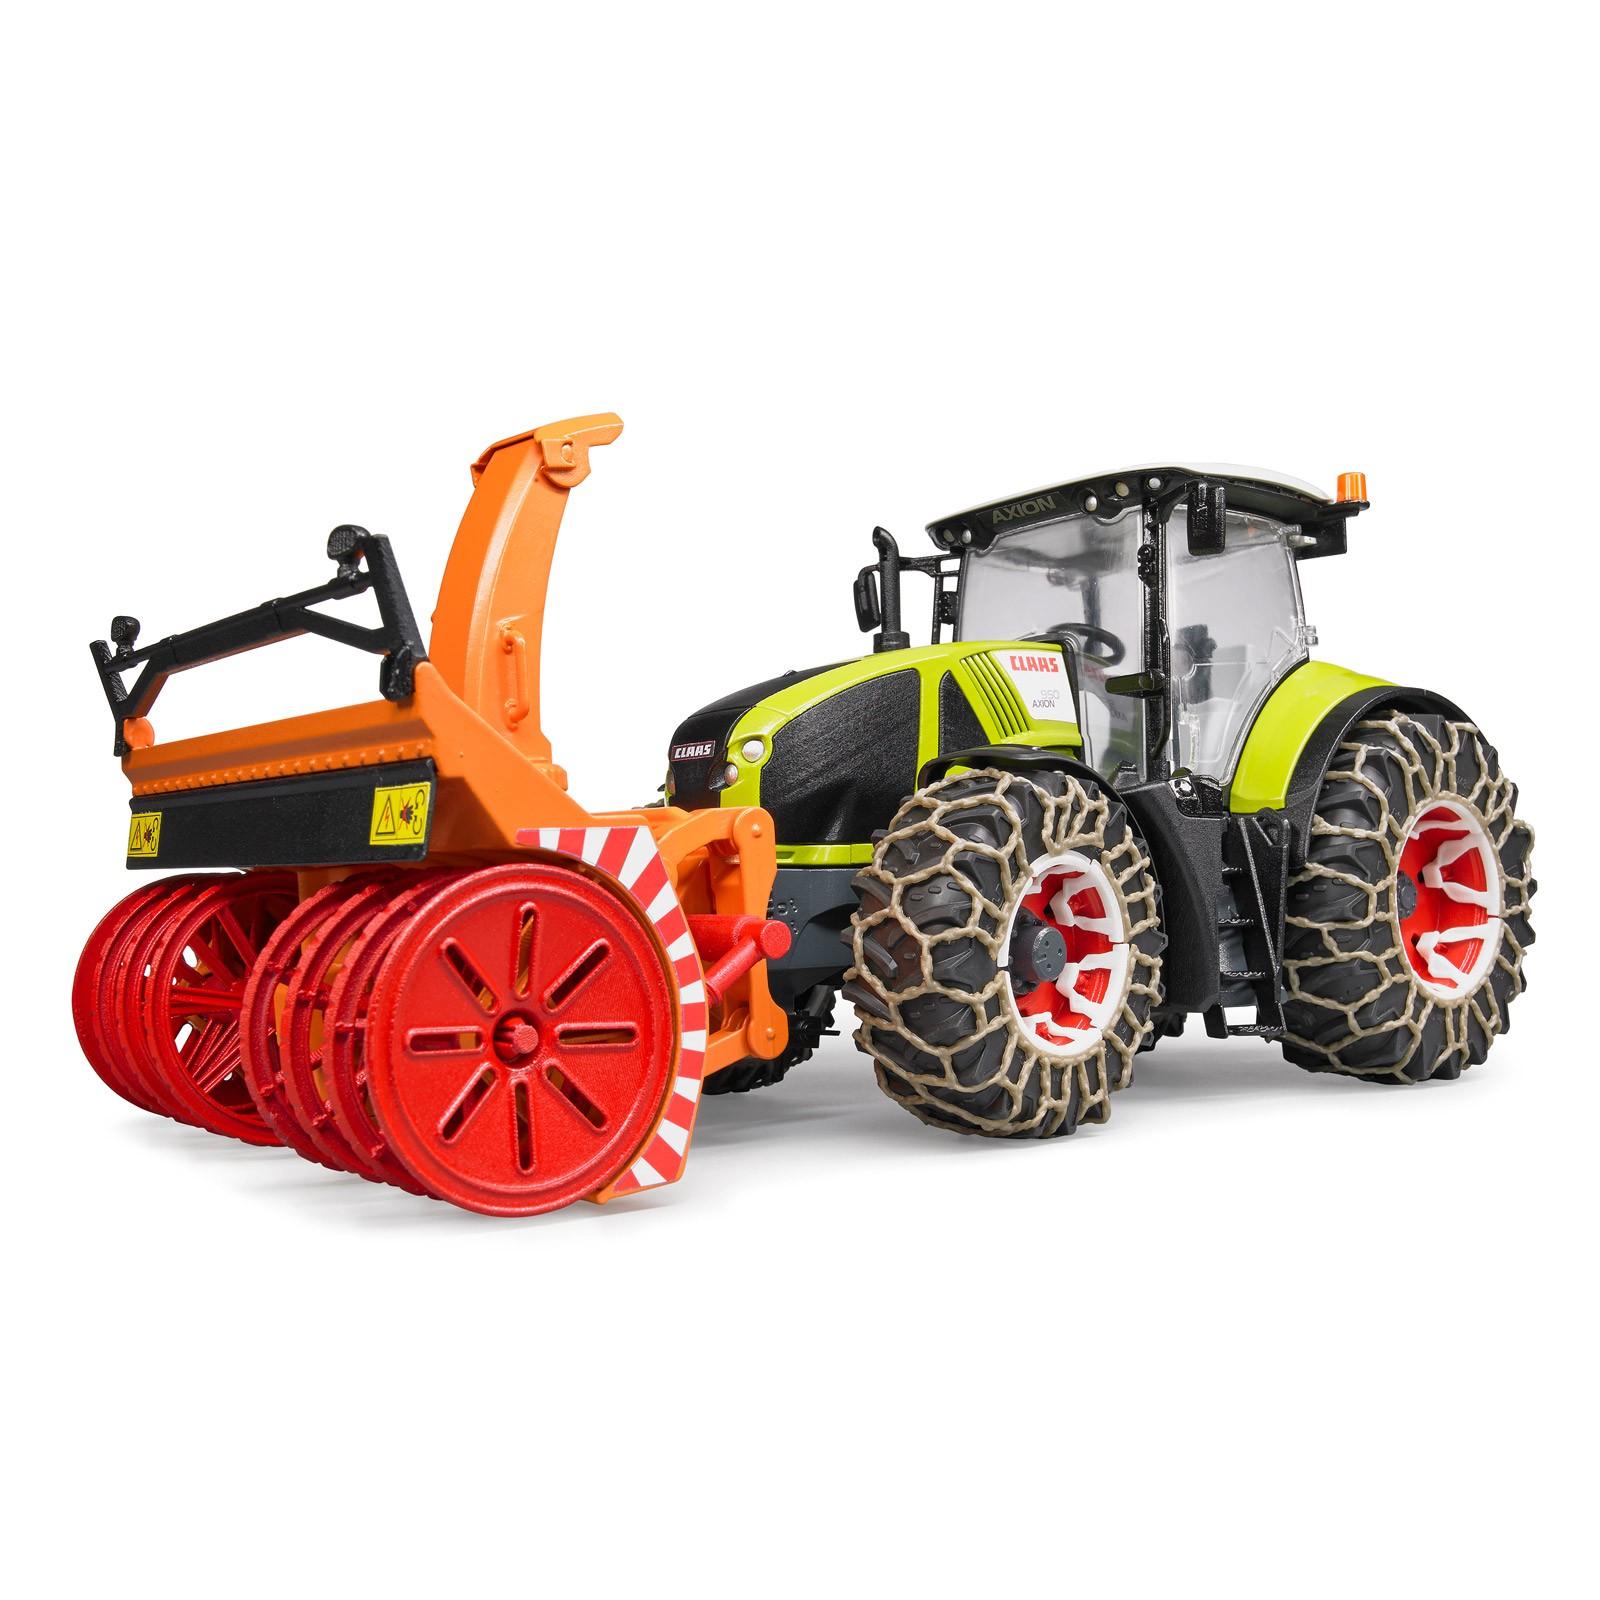 Cxserie 3punkt Schneefräse Traktor Schneefräse: Bruder Claas Axion 950 Mit Schneeketten Und Schneefräse